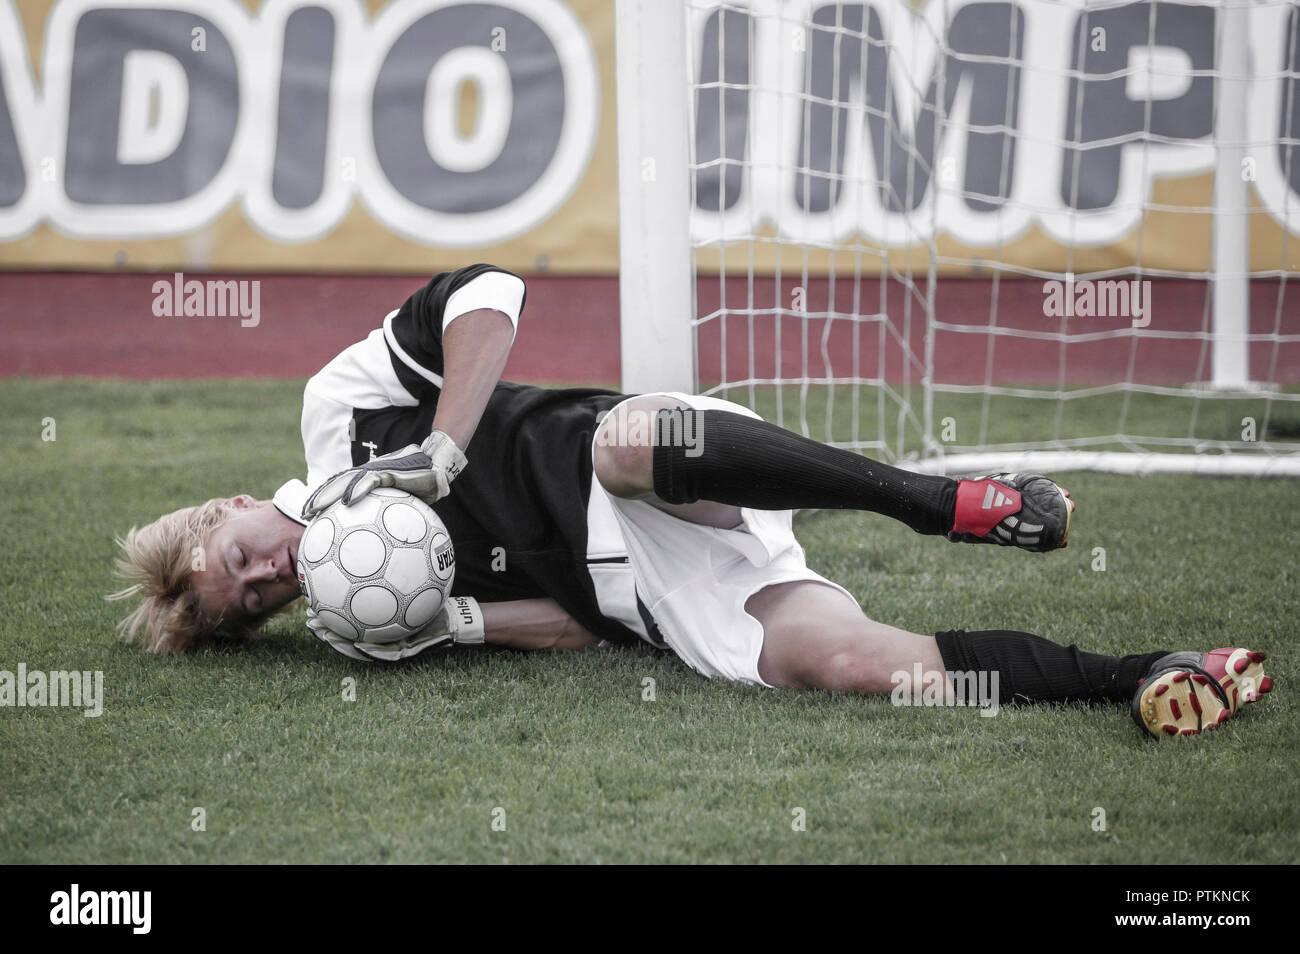 Fu?ball Fussball Spieler Spielszene Torwart Torhueter Ball Halten Fangen Ballspiel Mannschaftssport Keeper Fussballspiel Kicken Spielen Dynamik Ballsp - Stock Image